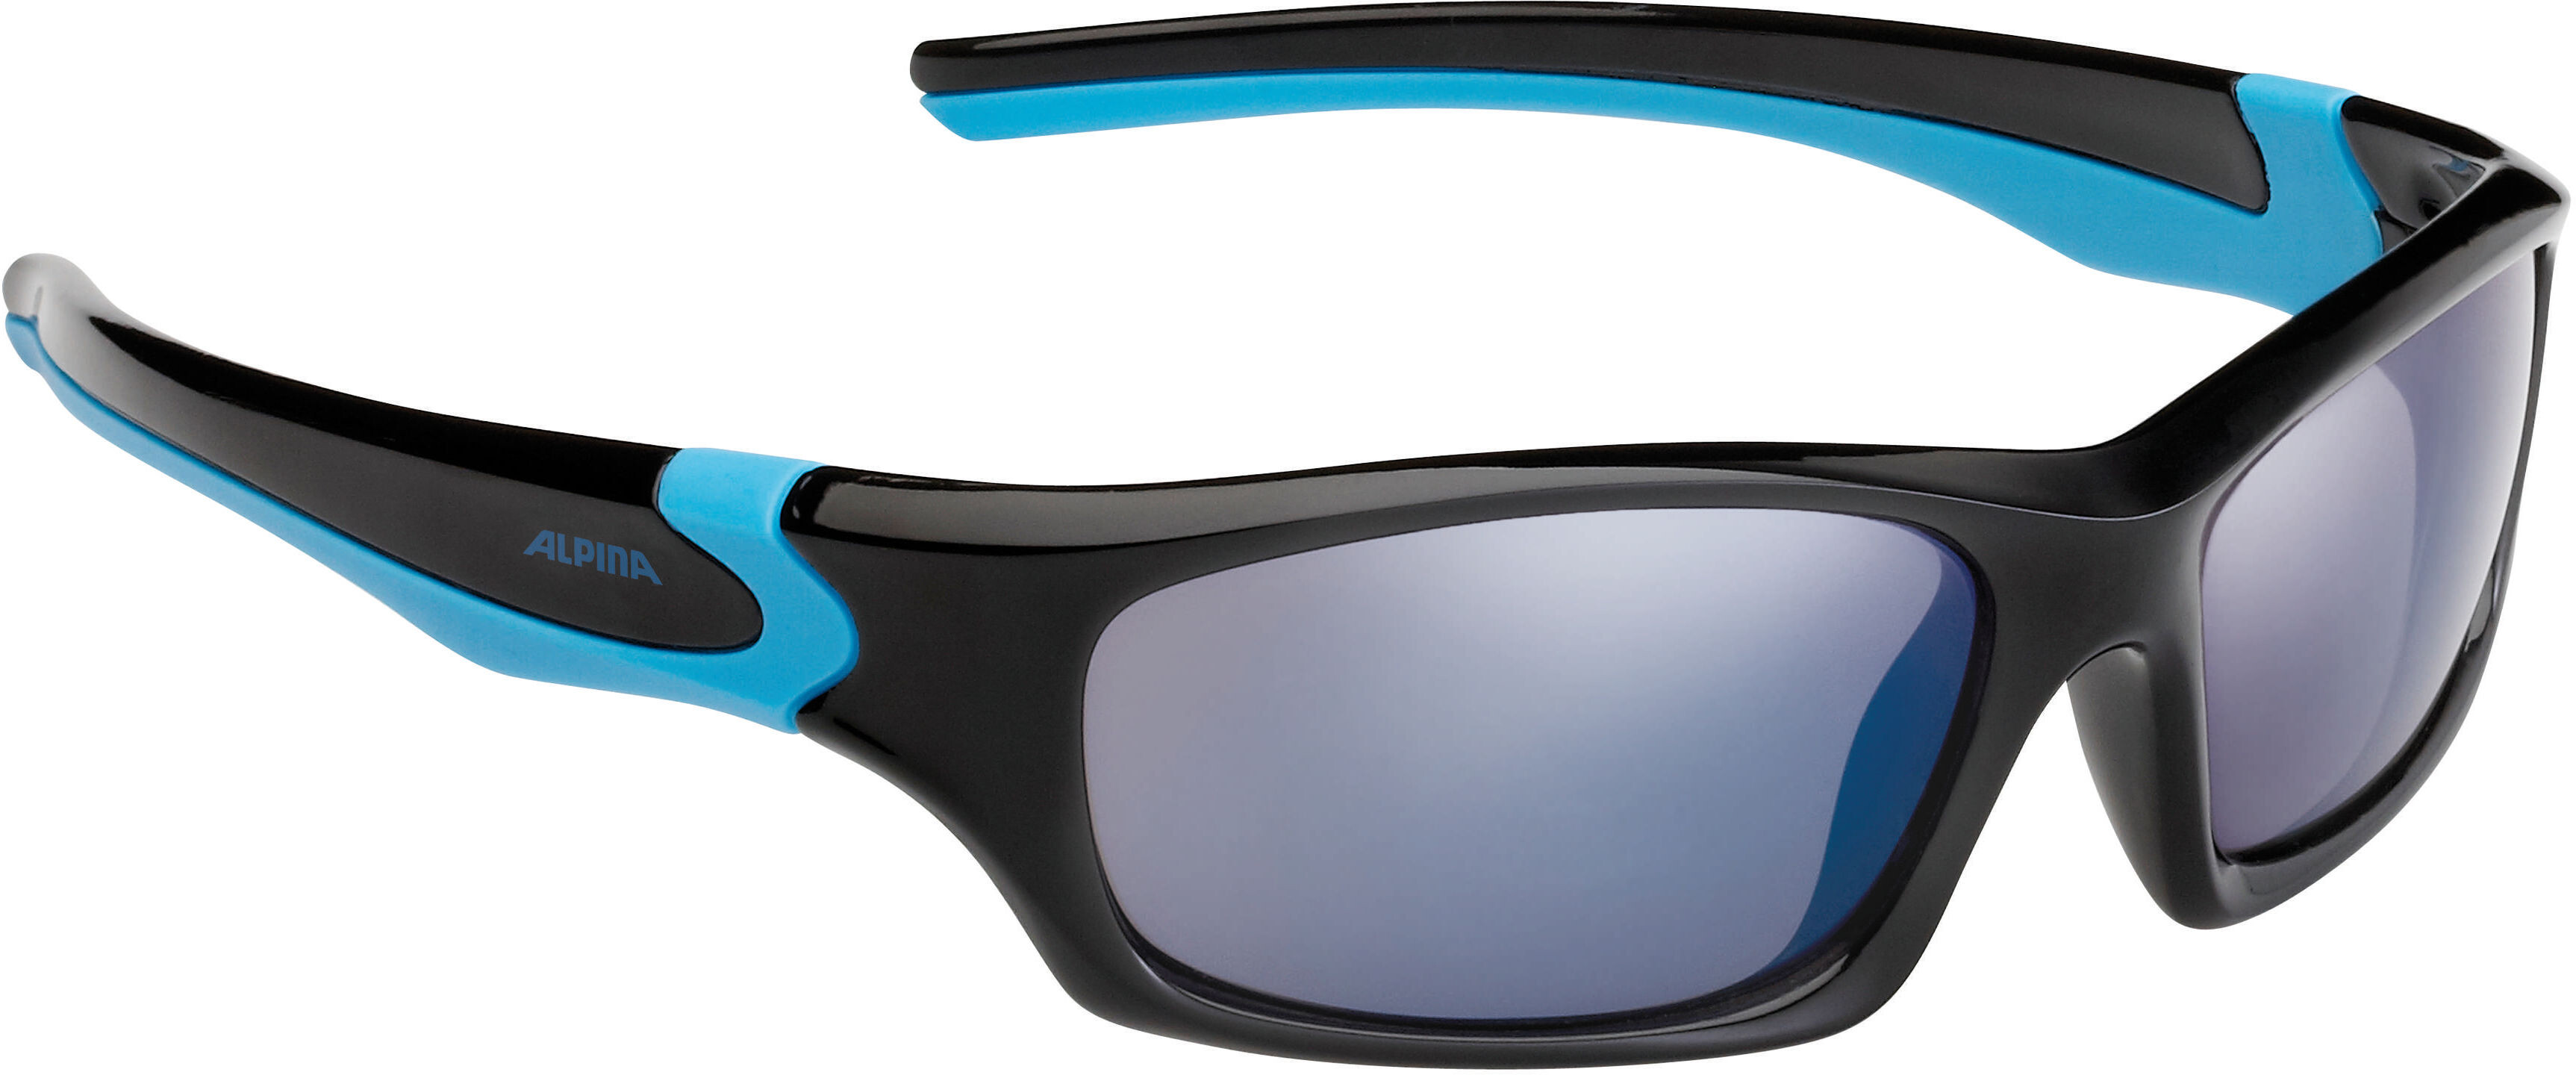 58fe34ab3e Alpina Flexxy Teen - Gafas ciclismo Niños - negro | Campz.es